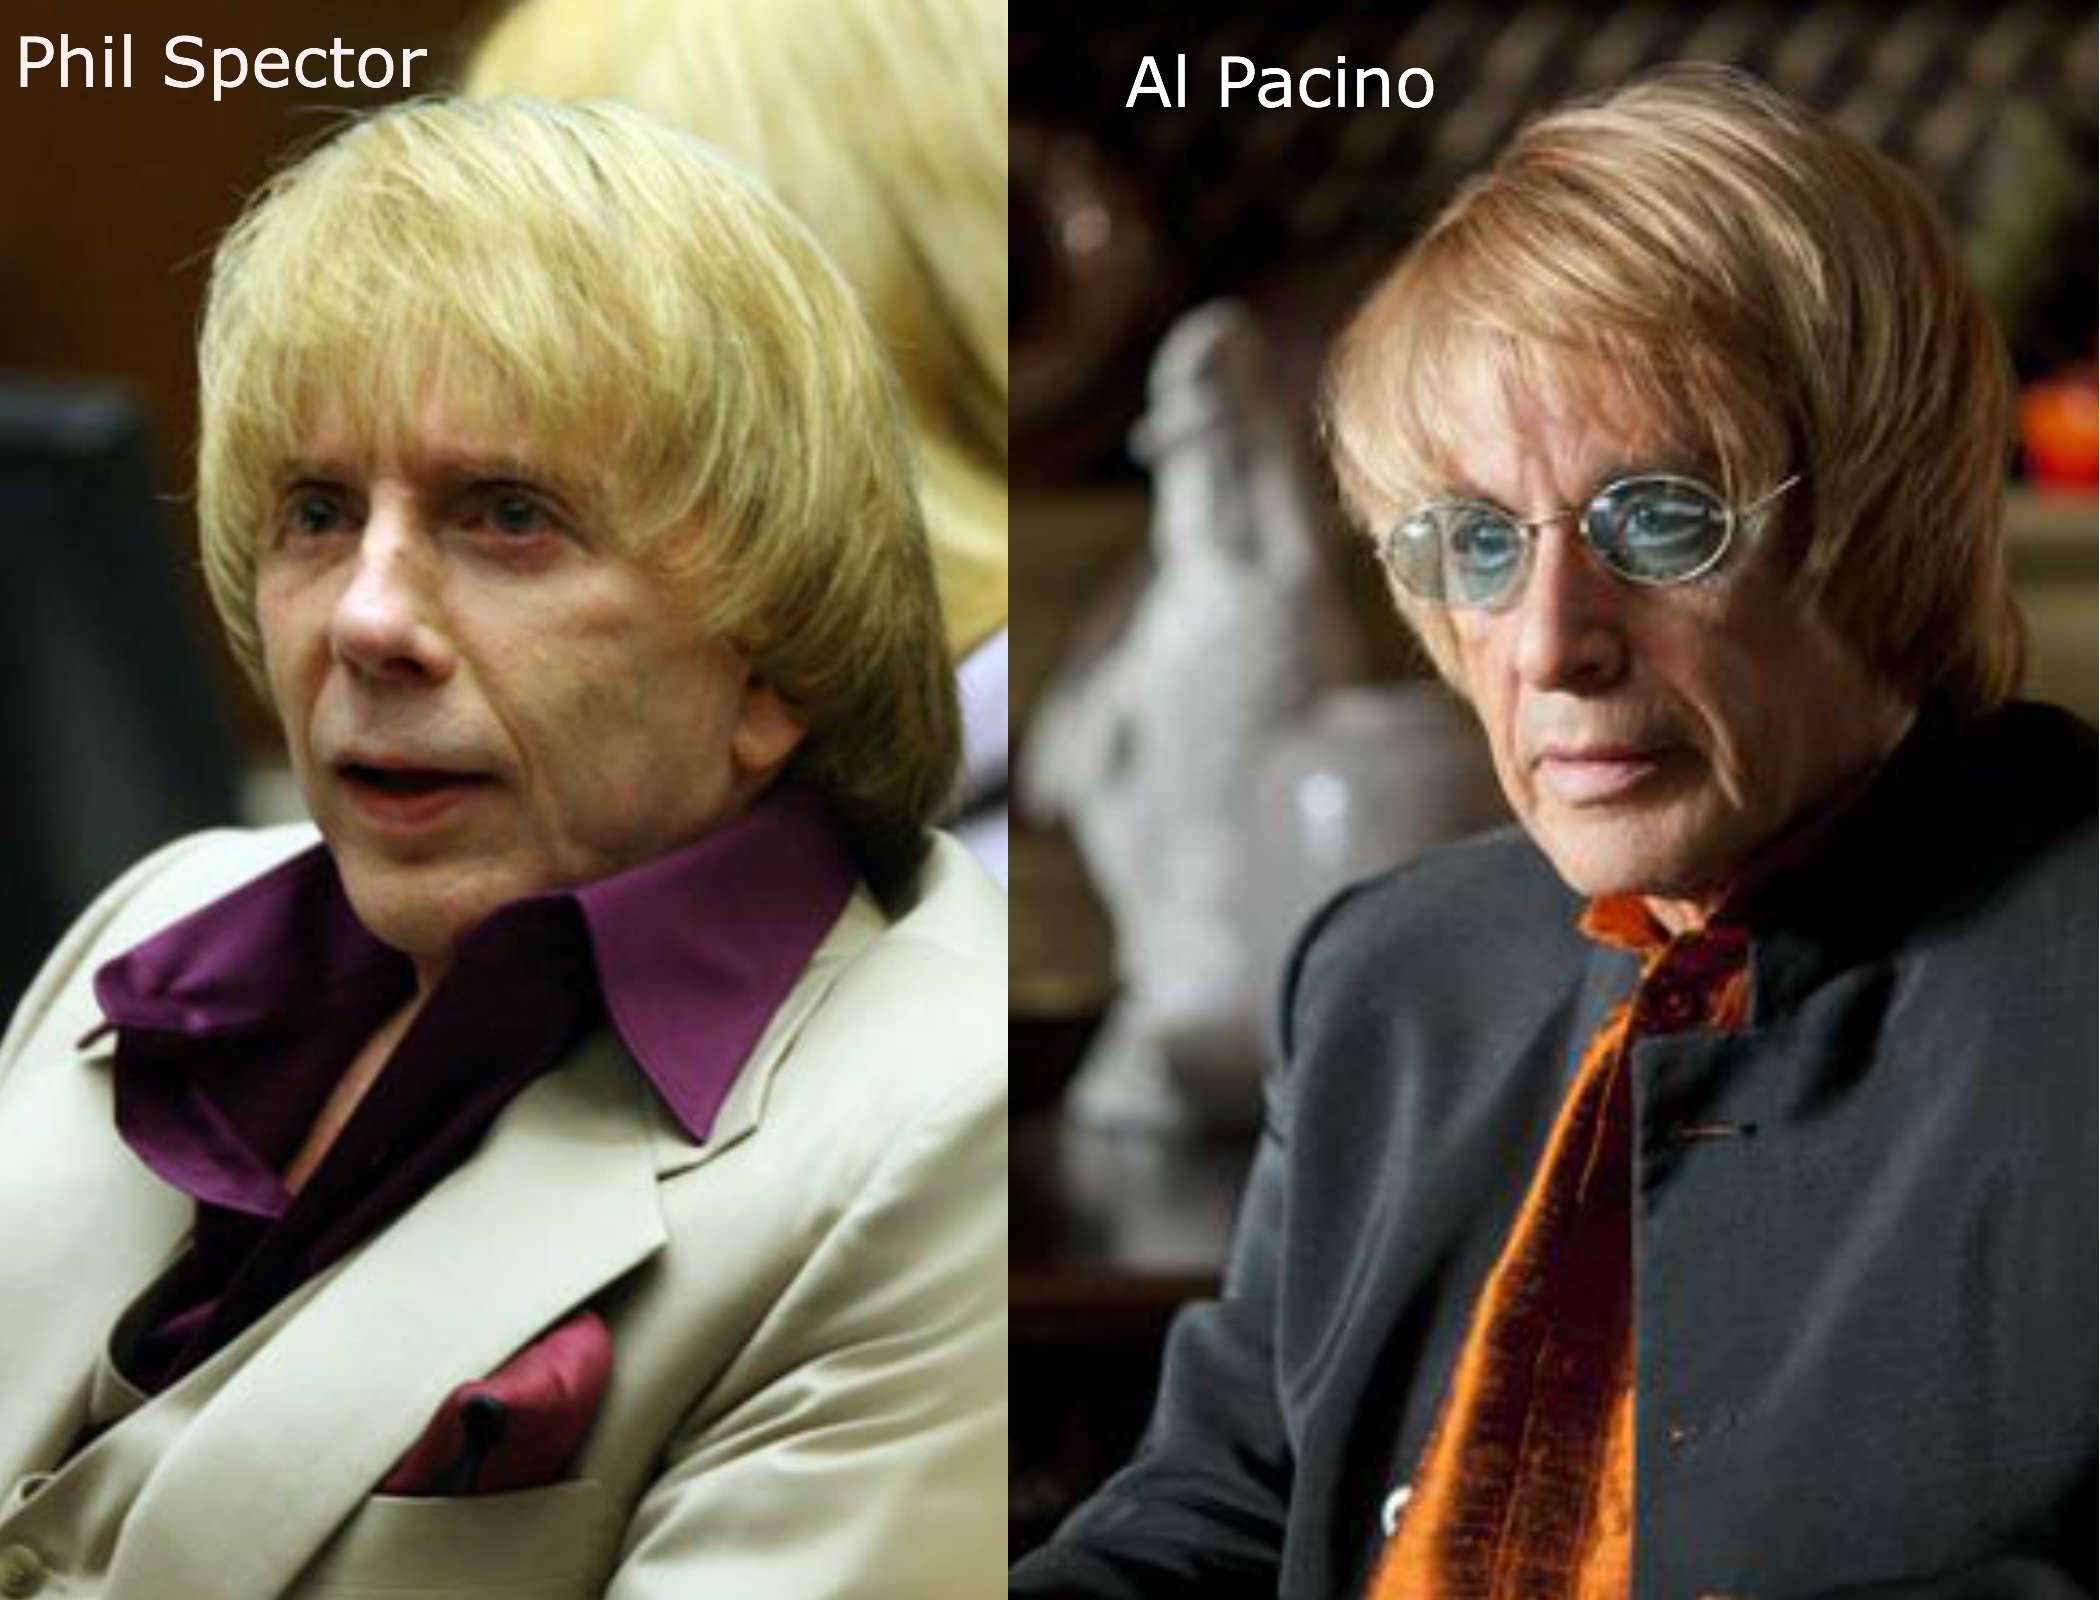 Phil_Spector_Al_Pacino